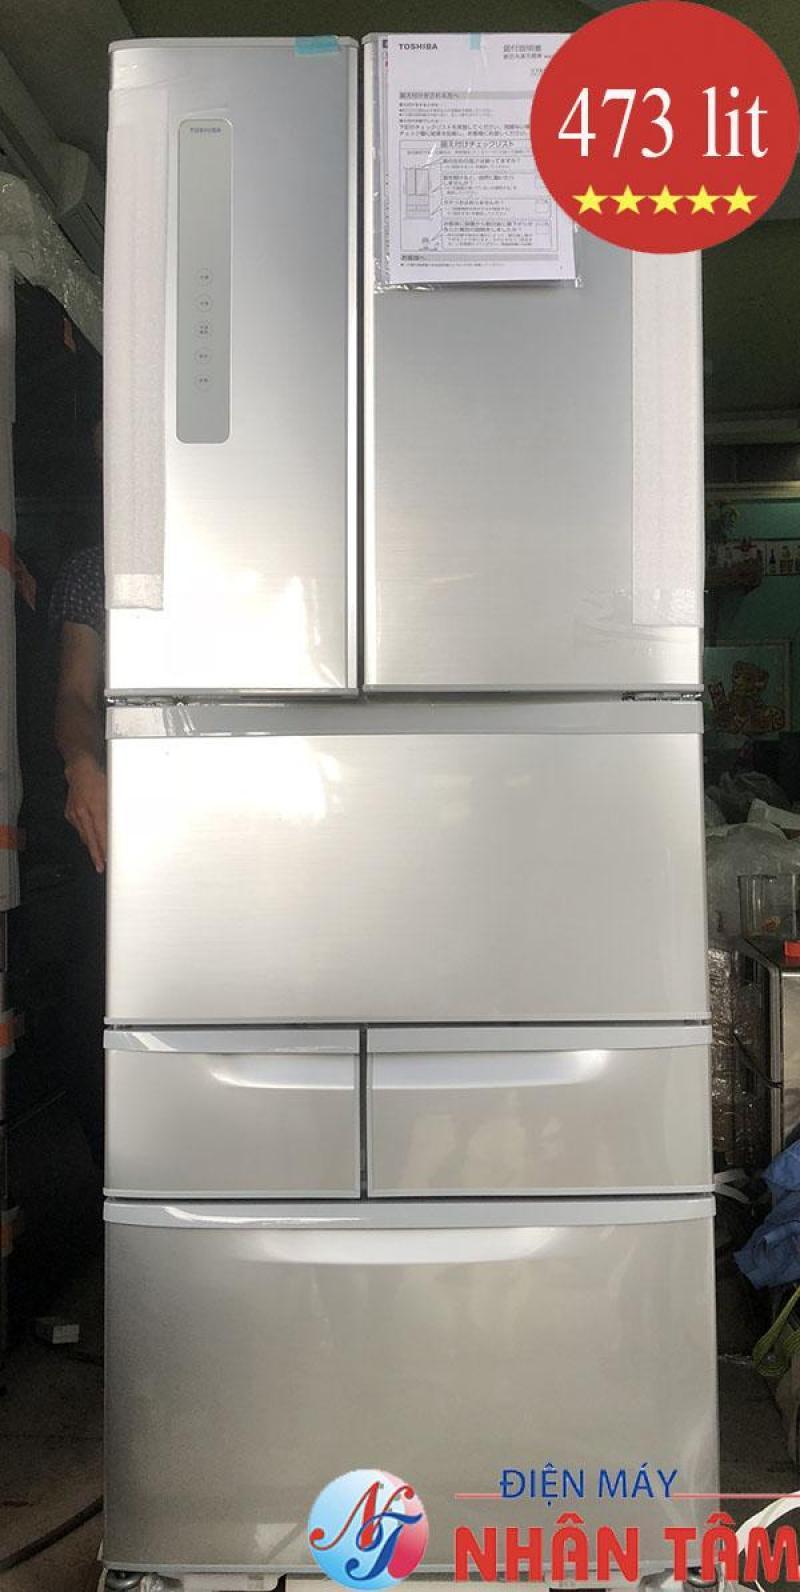 Tủ lạnh nội địa TOSHIBA GR-M47FP DATE 2017 full box 100%